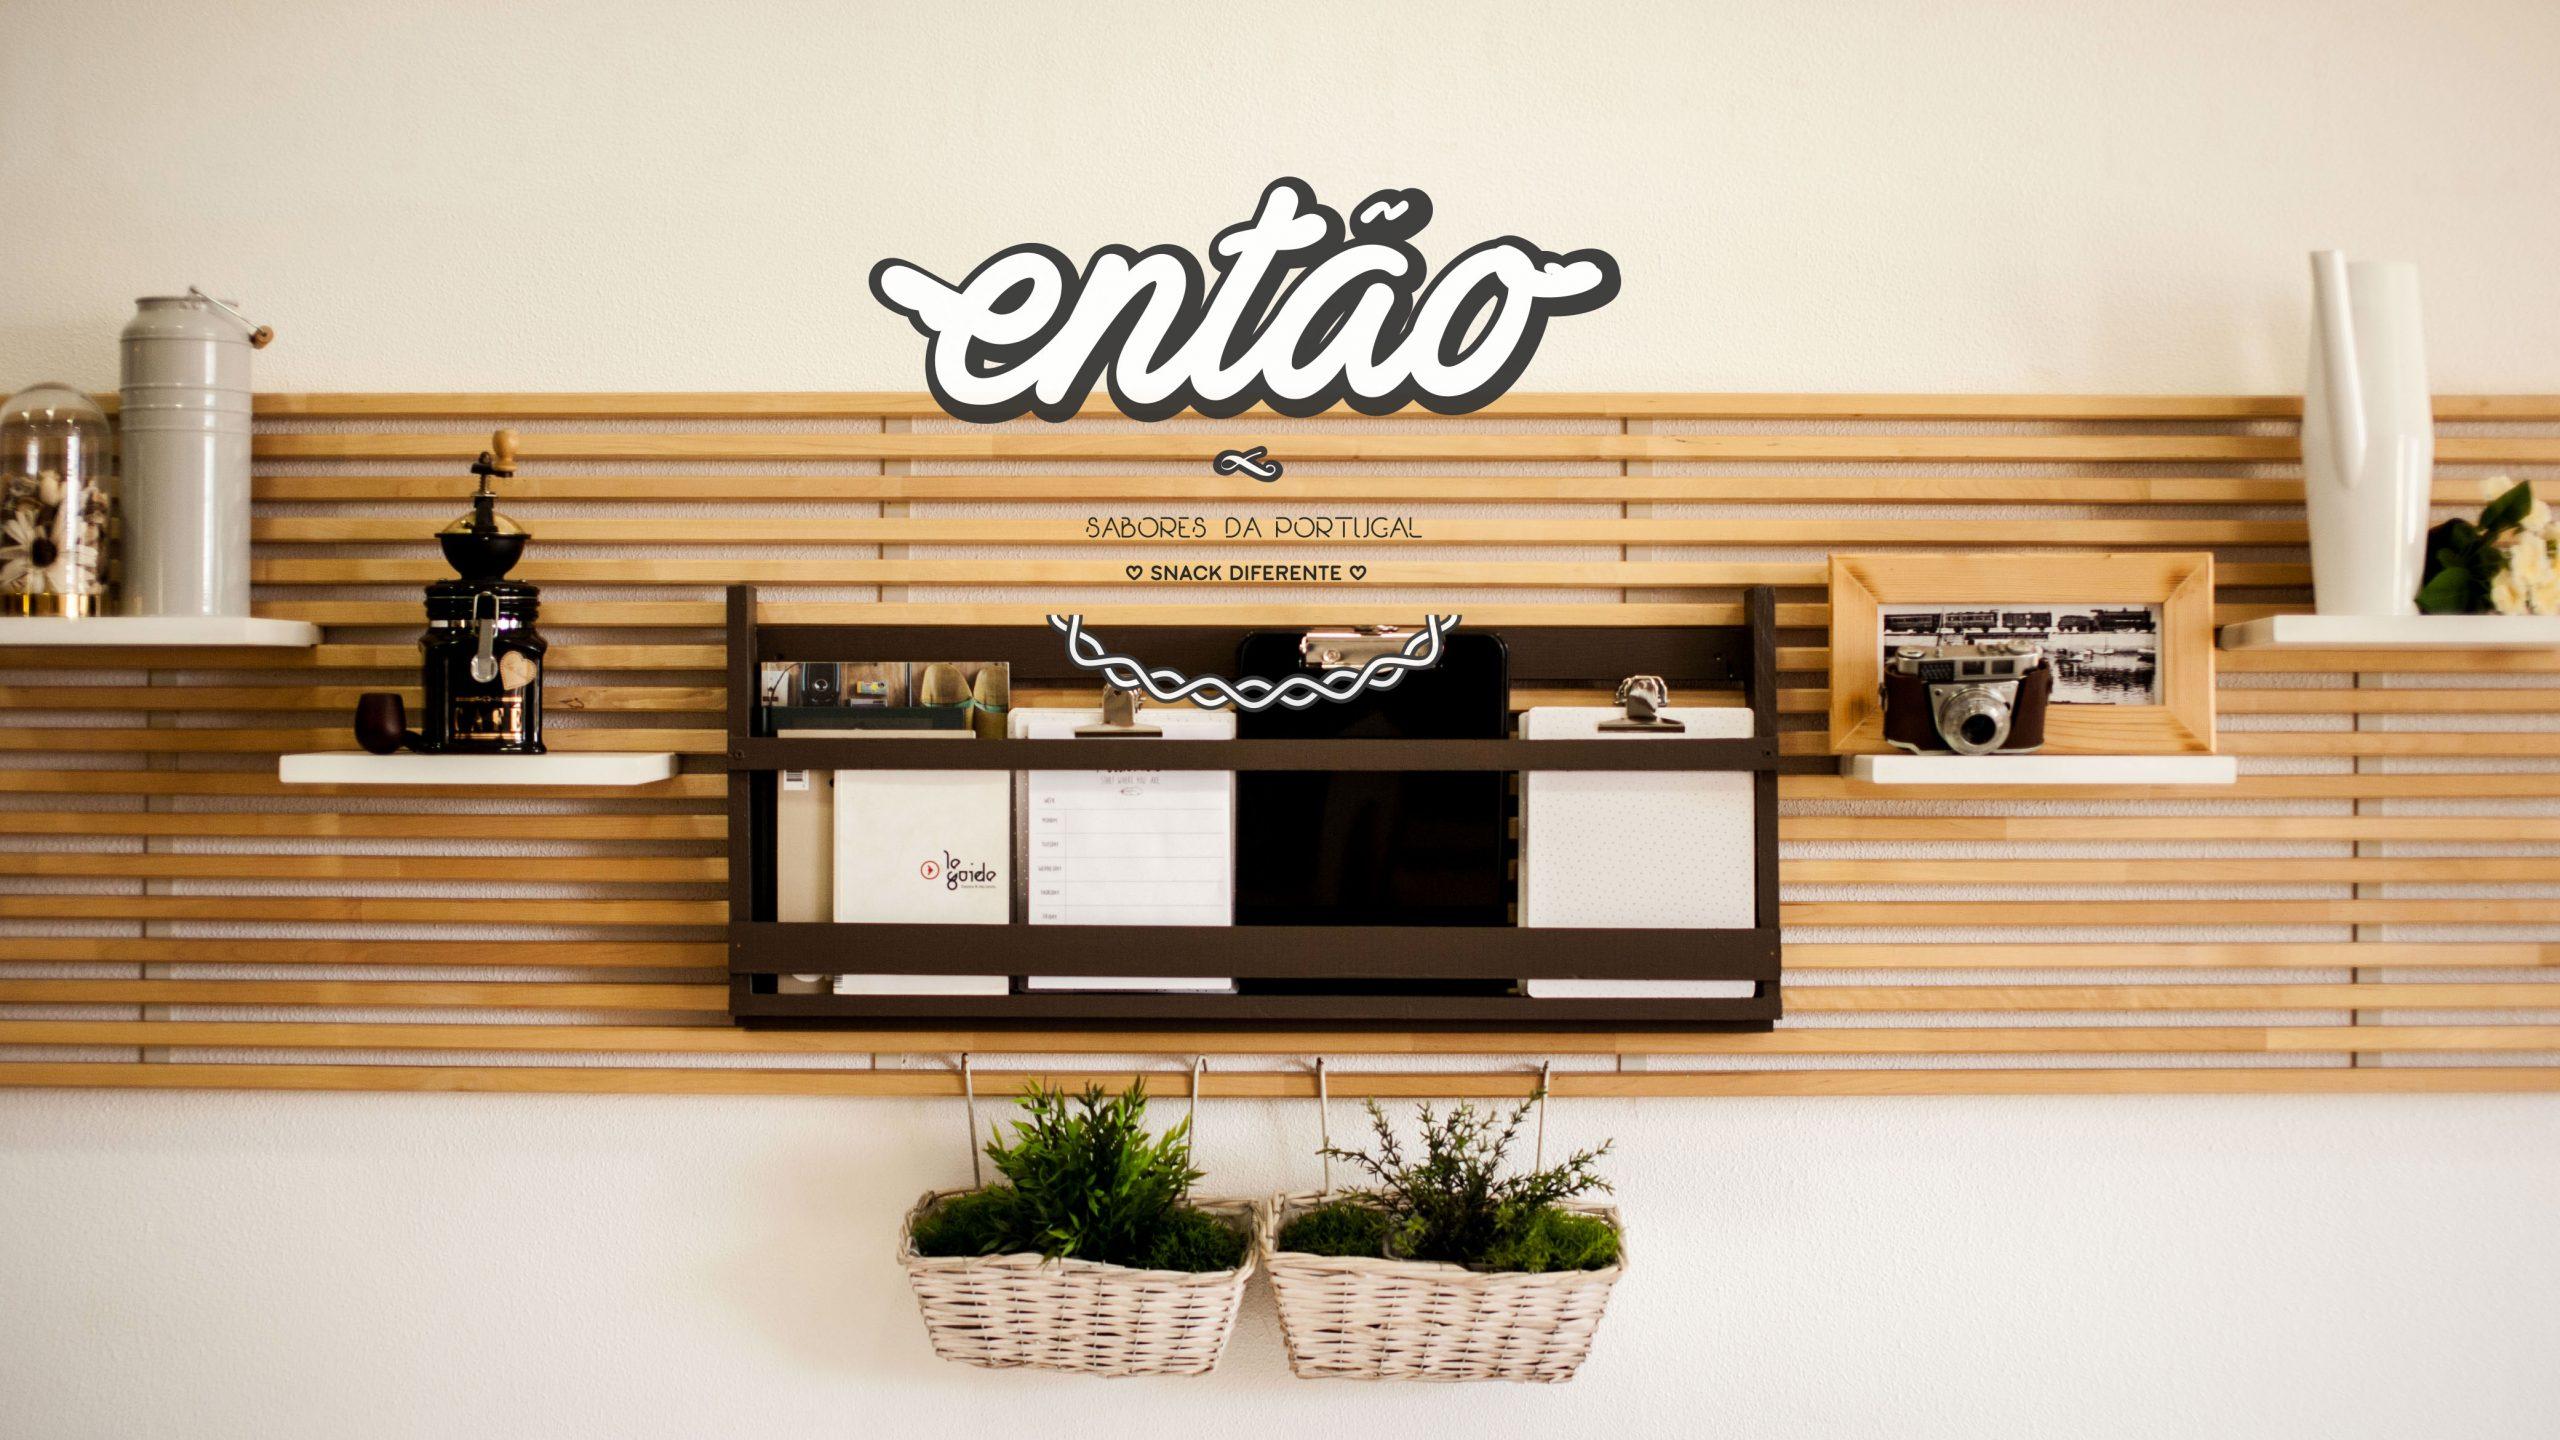 LOGO · CONCEPT · MENU & PHOTO | ENTAO